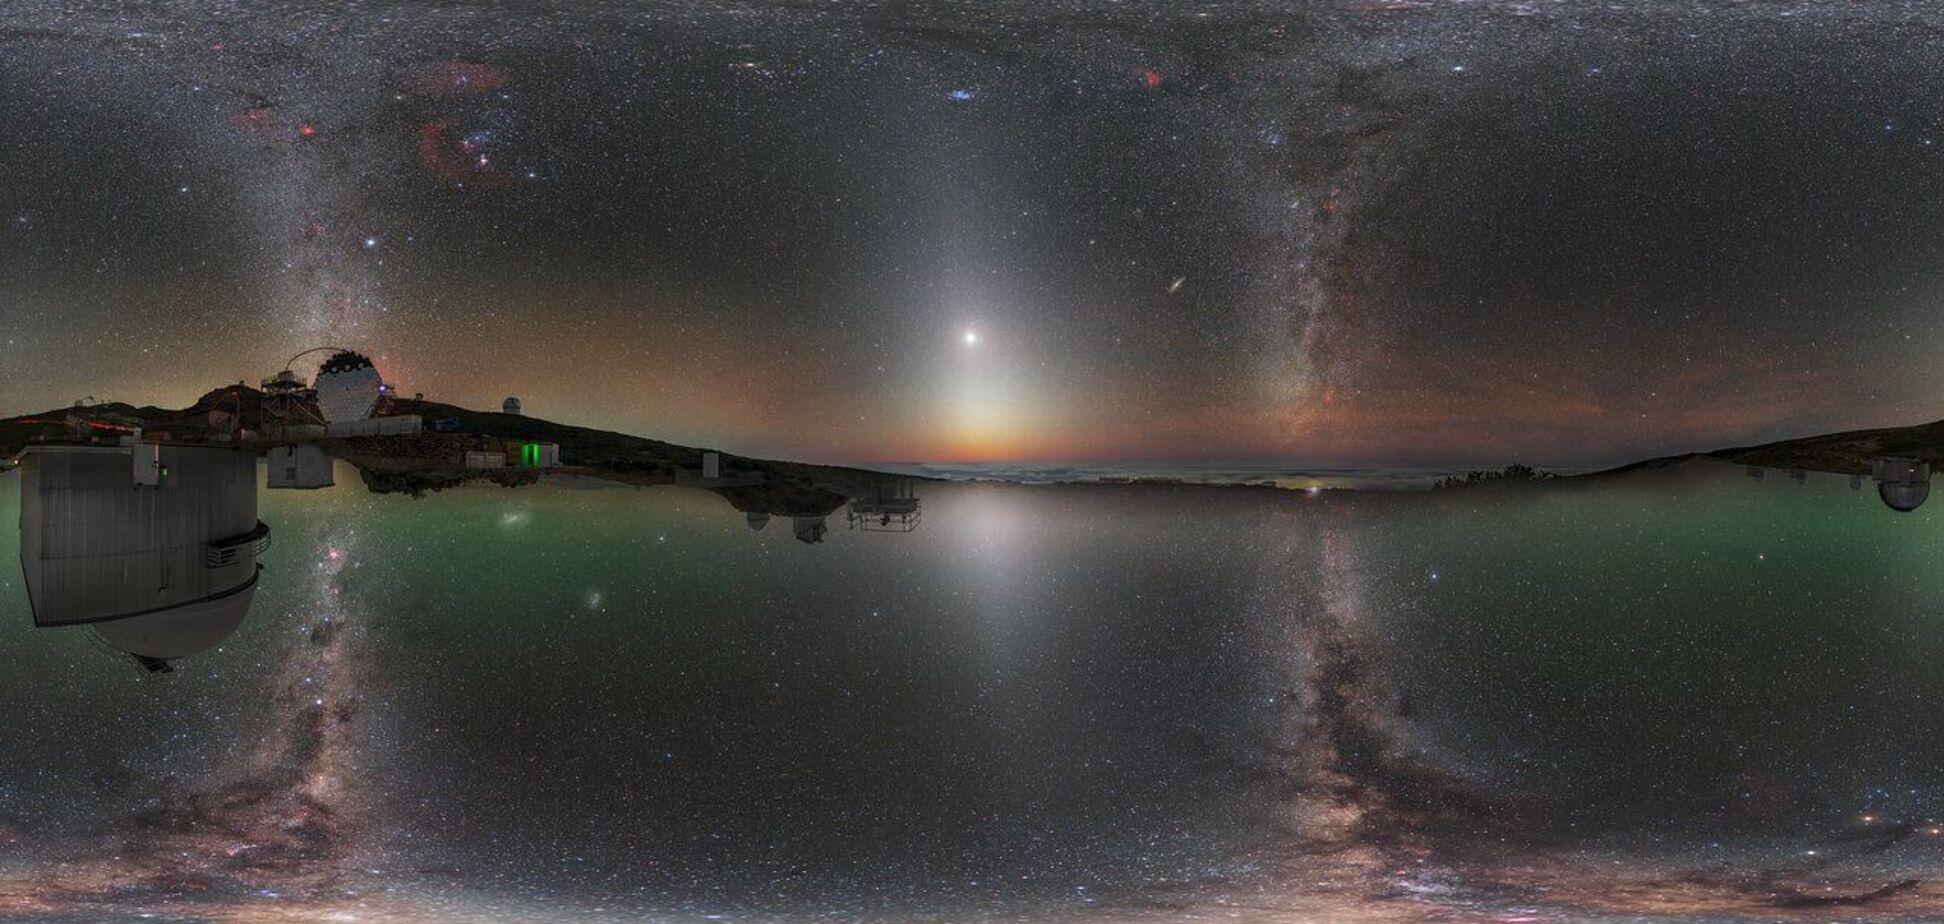 На унікальному знімку одночасно видно північну і південну півкулі в одному кадрі. Версія знімка в рівнопроміжній проєкції